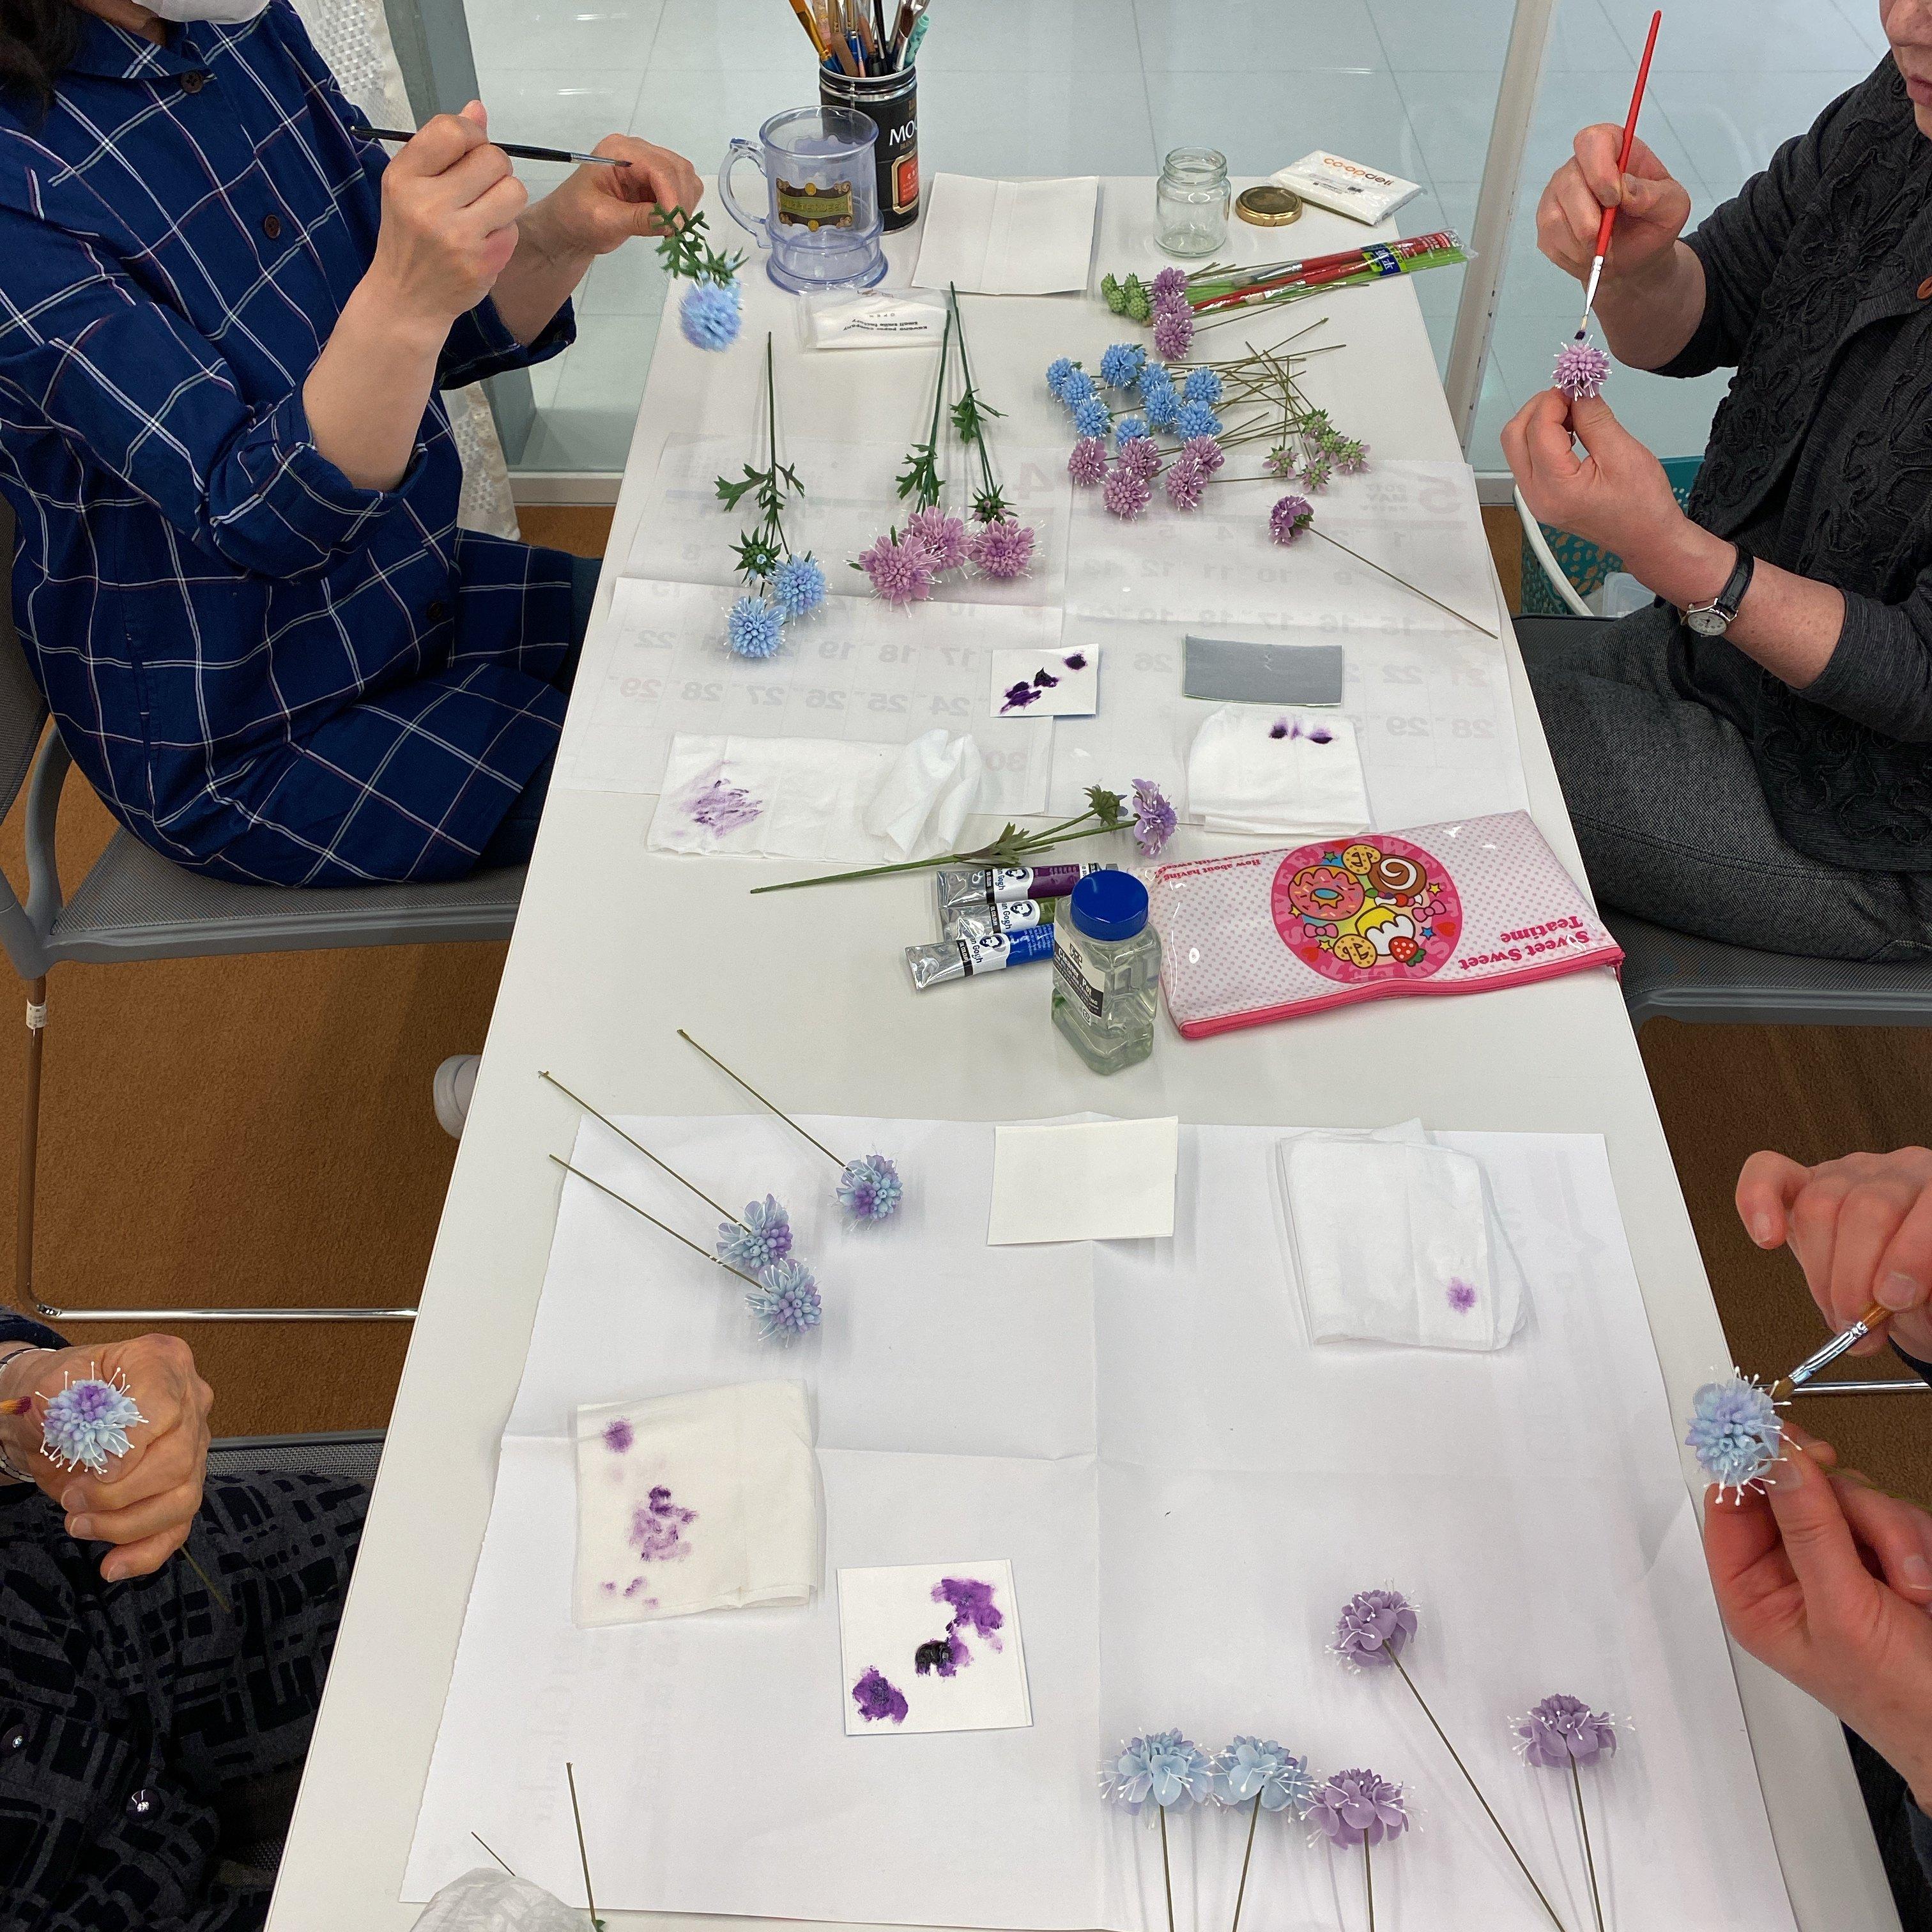 ハンドメイド/クレイフラワー(粘土で作ったお花)/スカビオサ